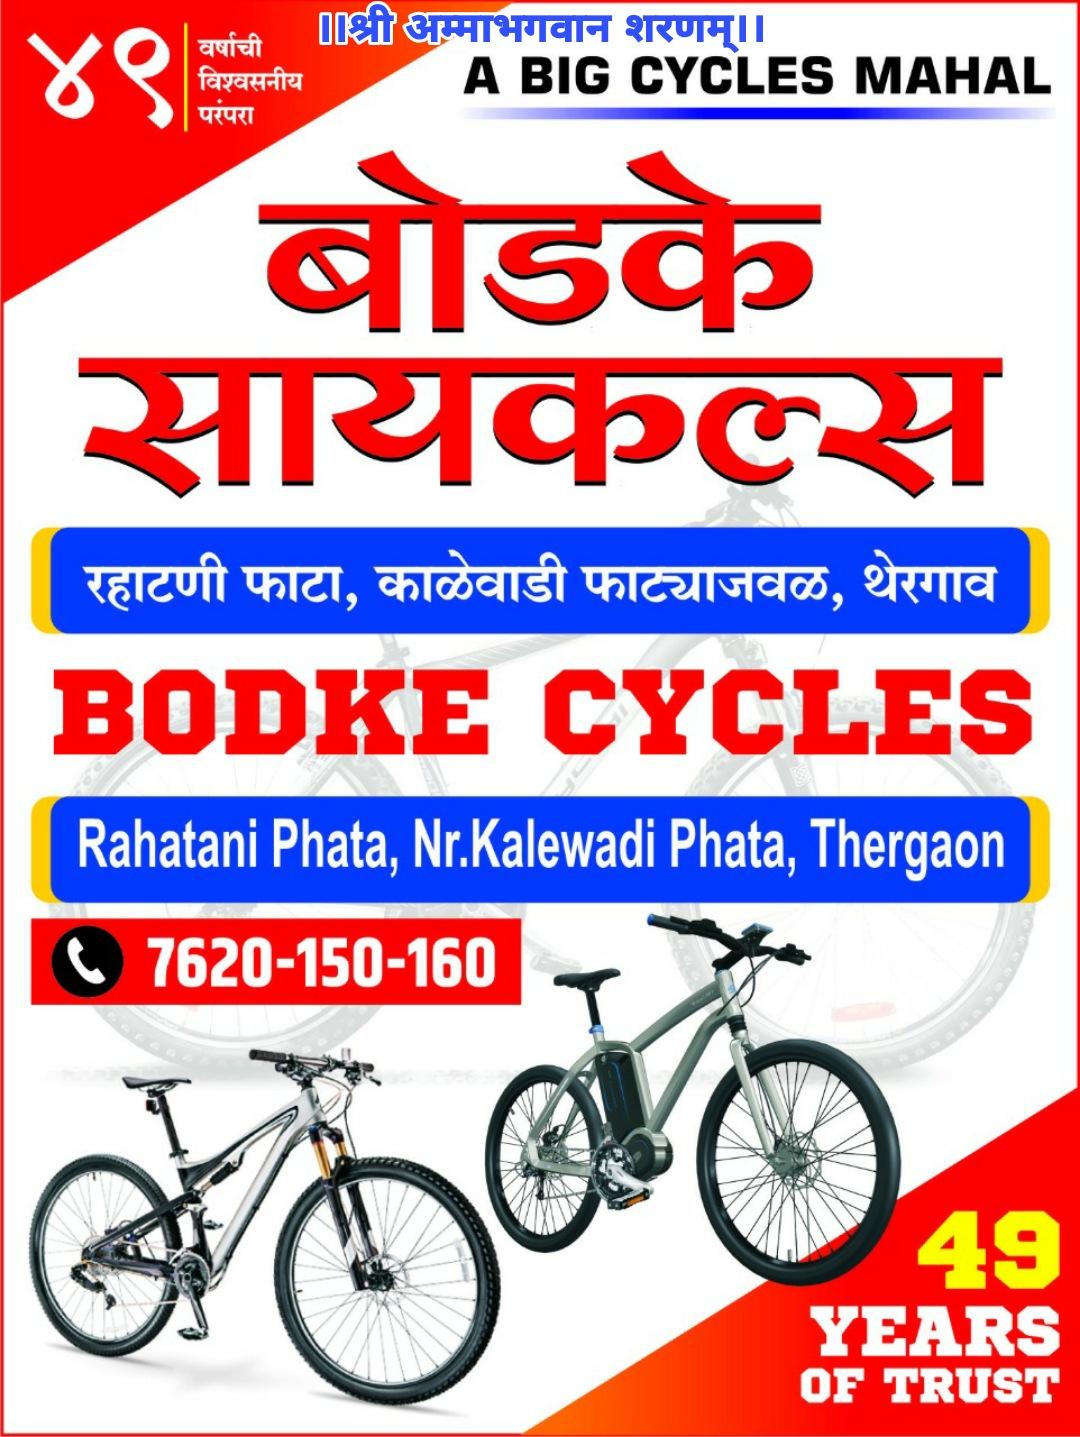 बोडके सायकल